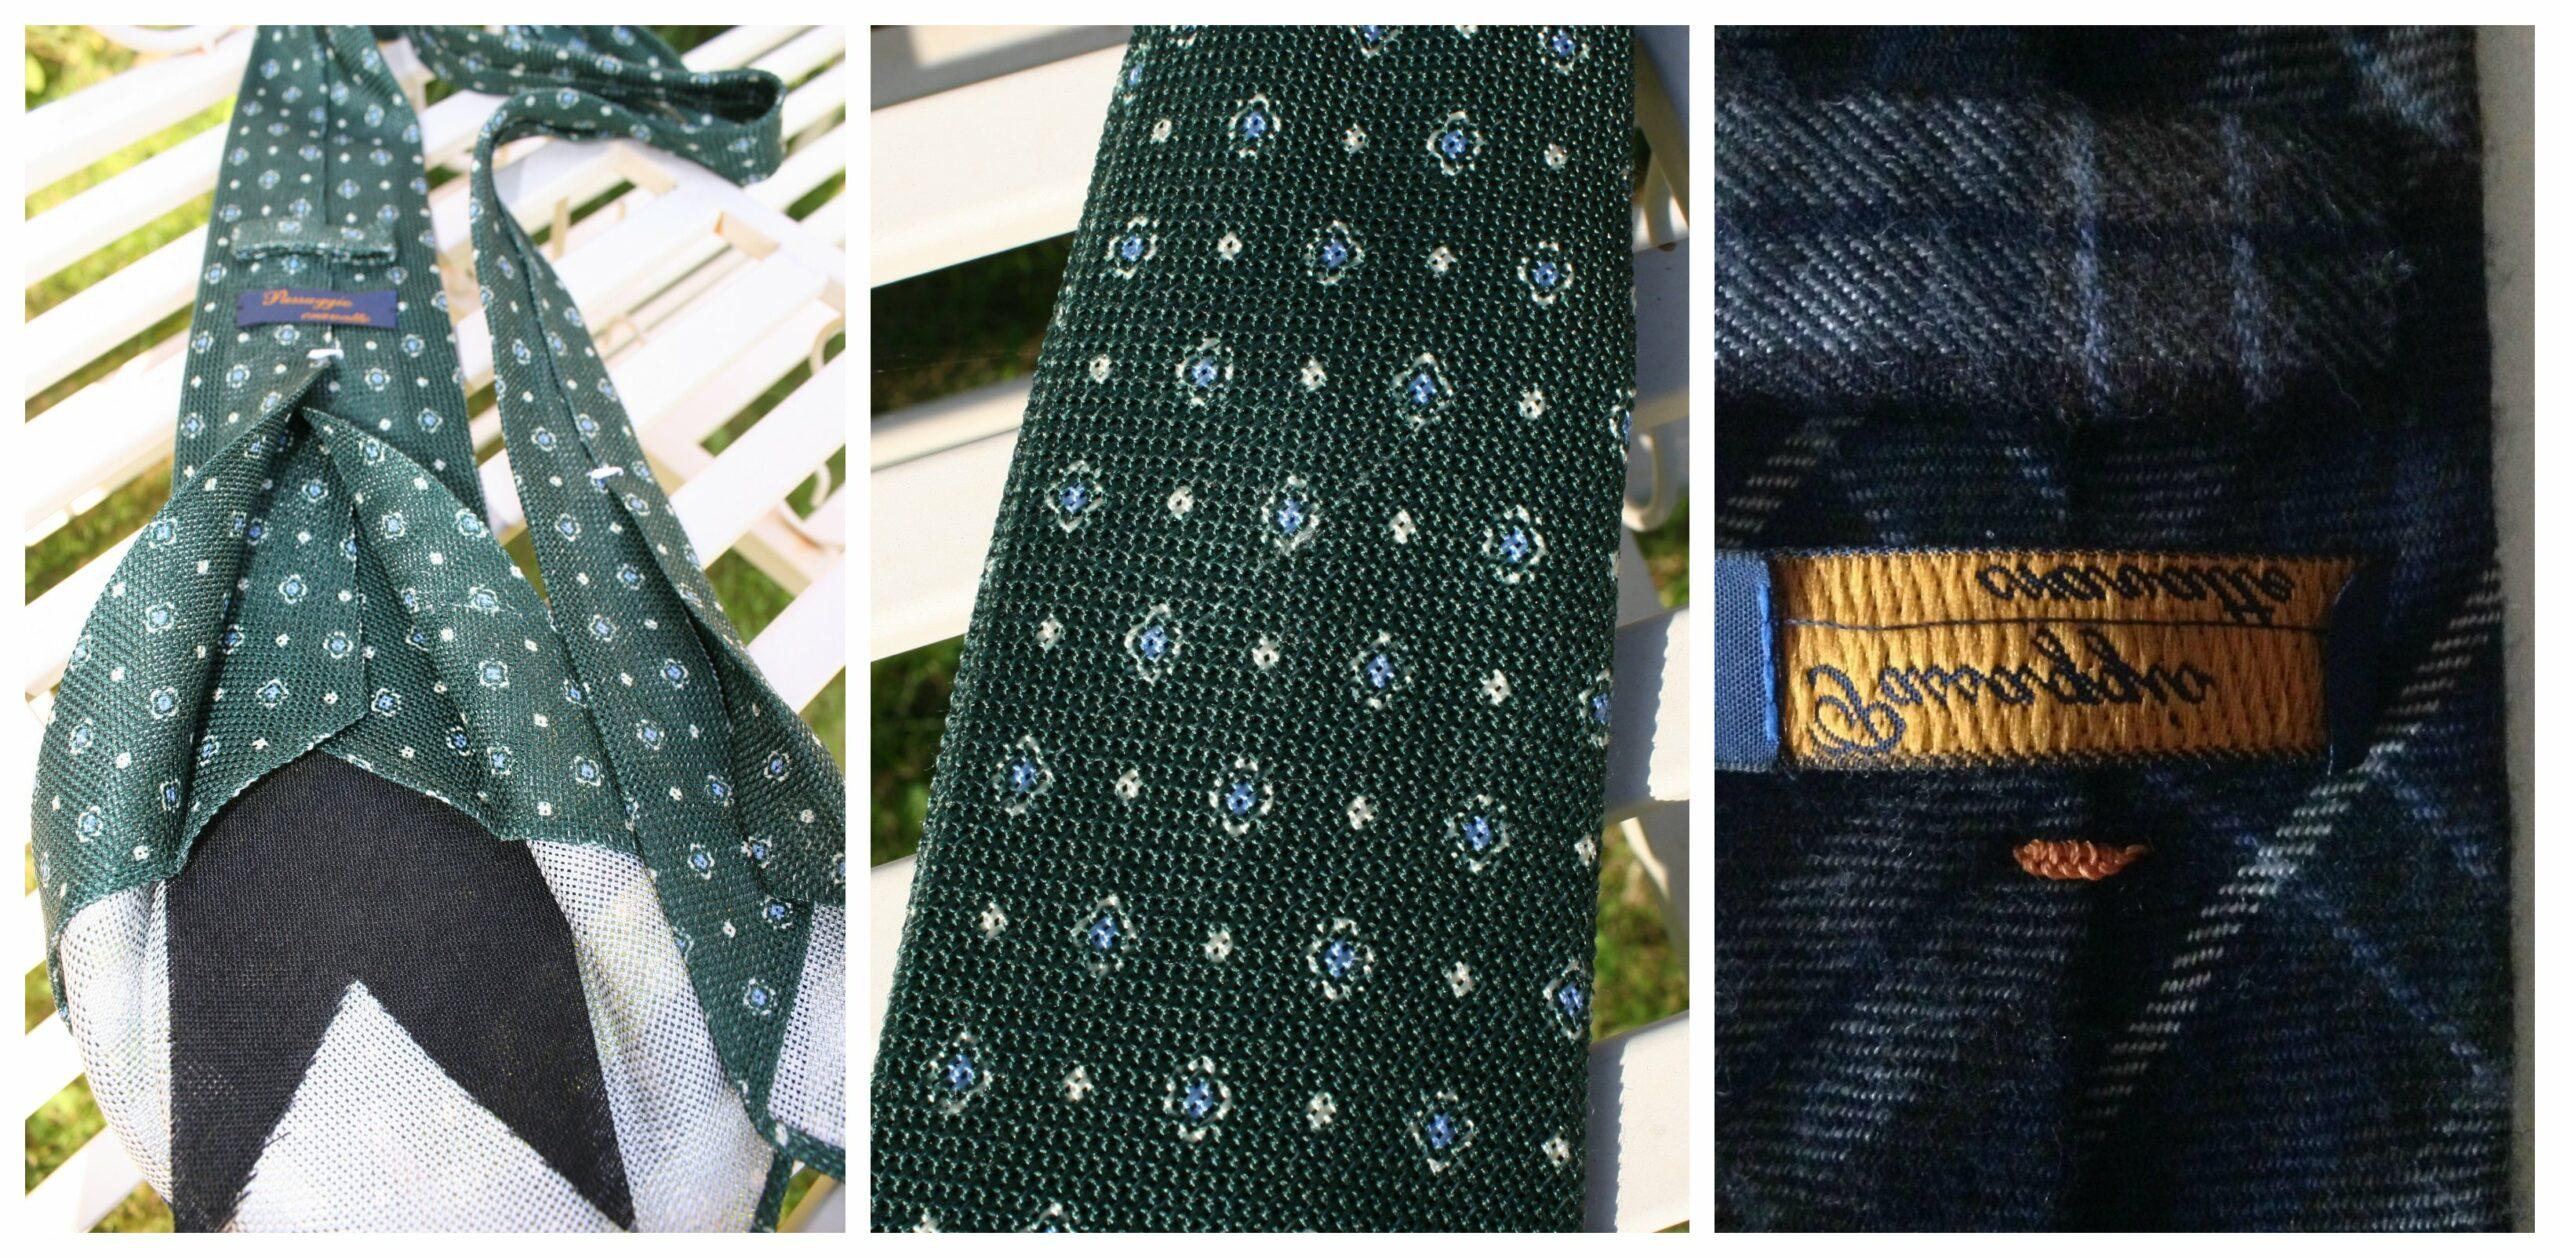 Bien souvent les cravates de Gianni ont des problèmes de dimension, mais elles ont aussi des défauts flagrants, comme des étiquettes cousues à l'envers ou des tissus endommagés. (Source: Styleforum)